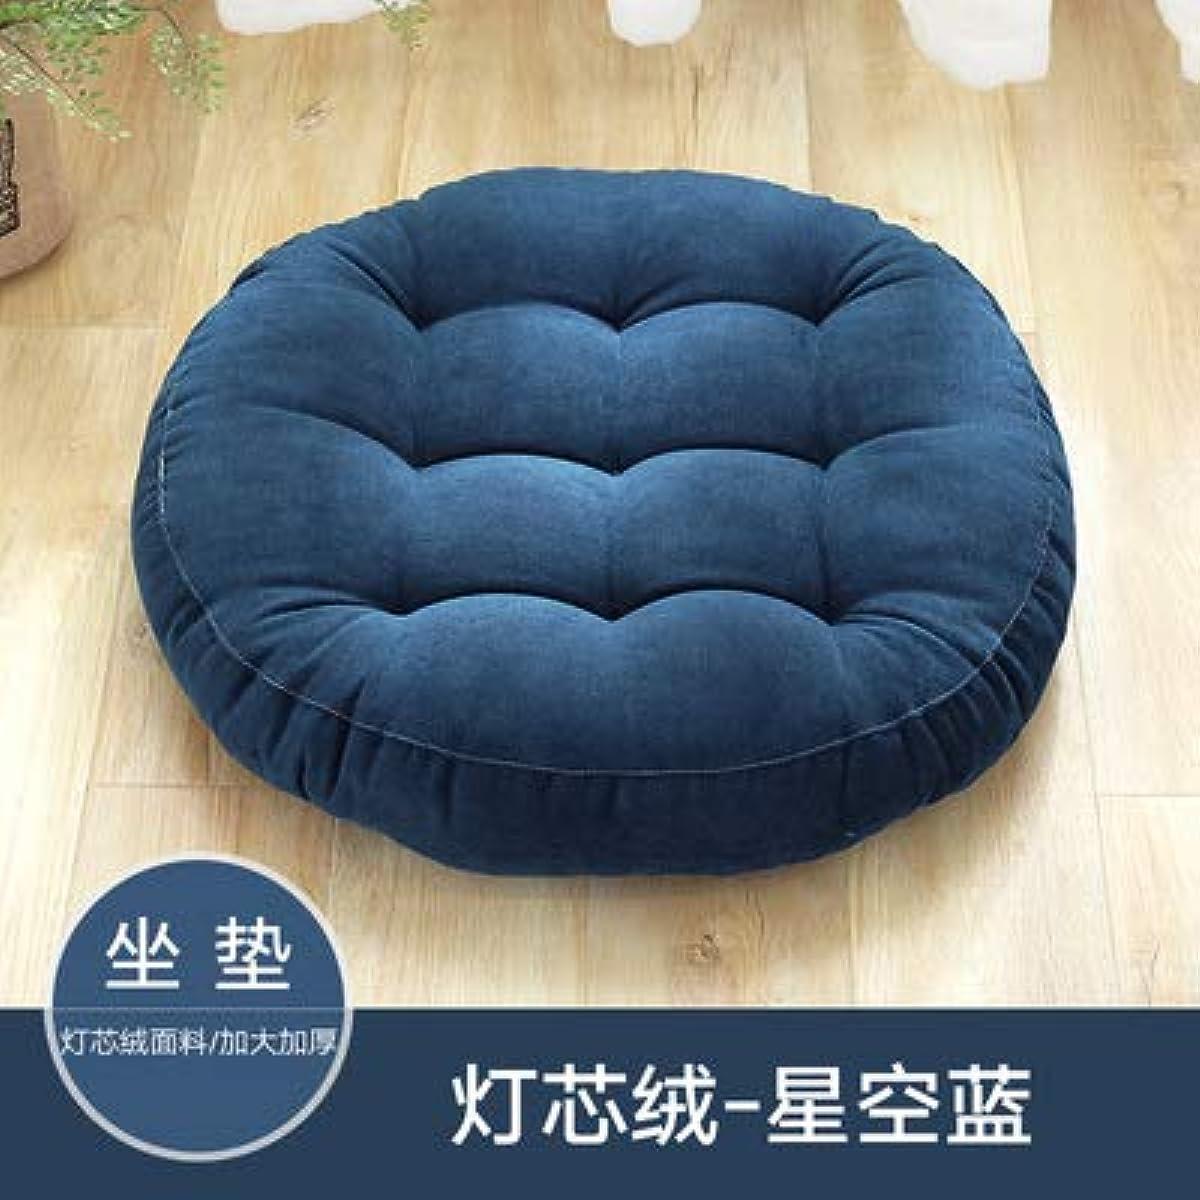 前部困ったバスルームLIFE ラウンド厚い椅子のクッションフロアマットレスシートパッドソフトホームオフィスチェアクッションマットソフトスロー枕最高品質の床クッション クッション 椅子